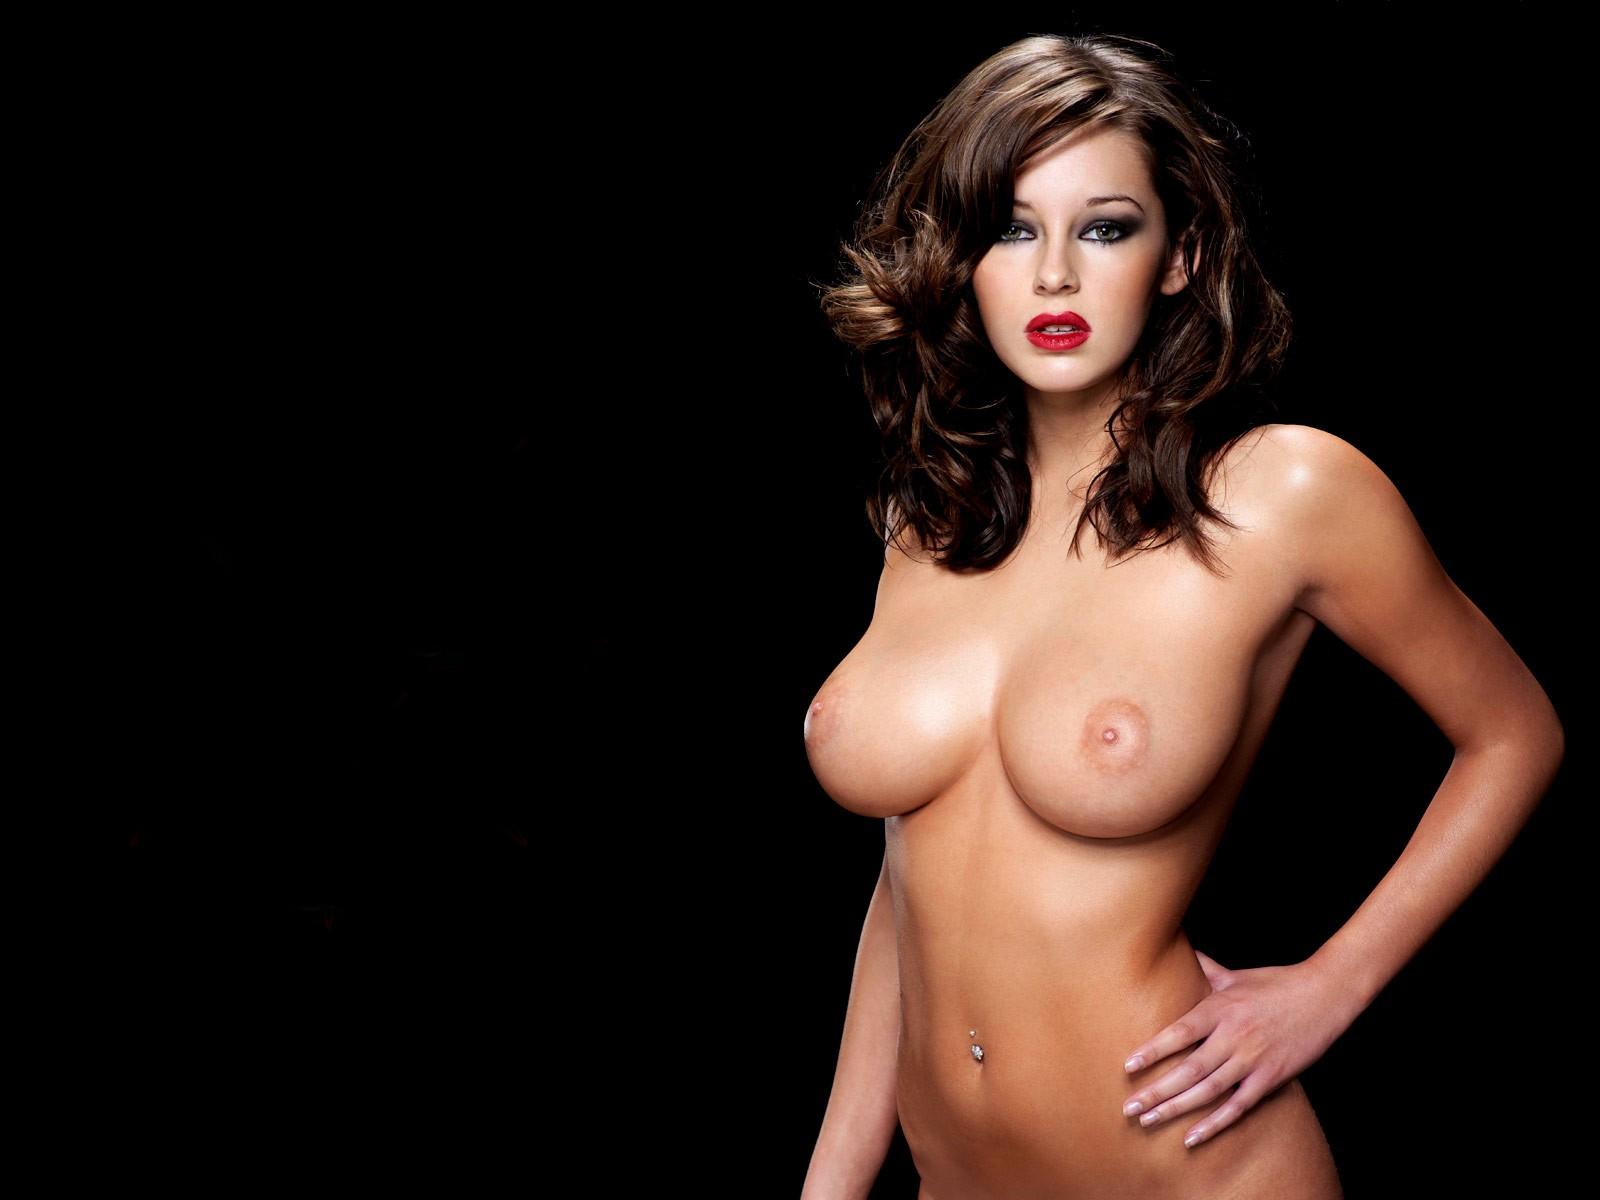 Ню девушки с большой грудью, голая невеста видео порно